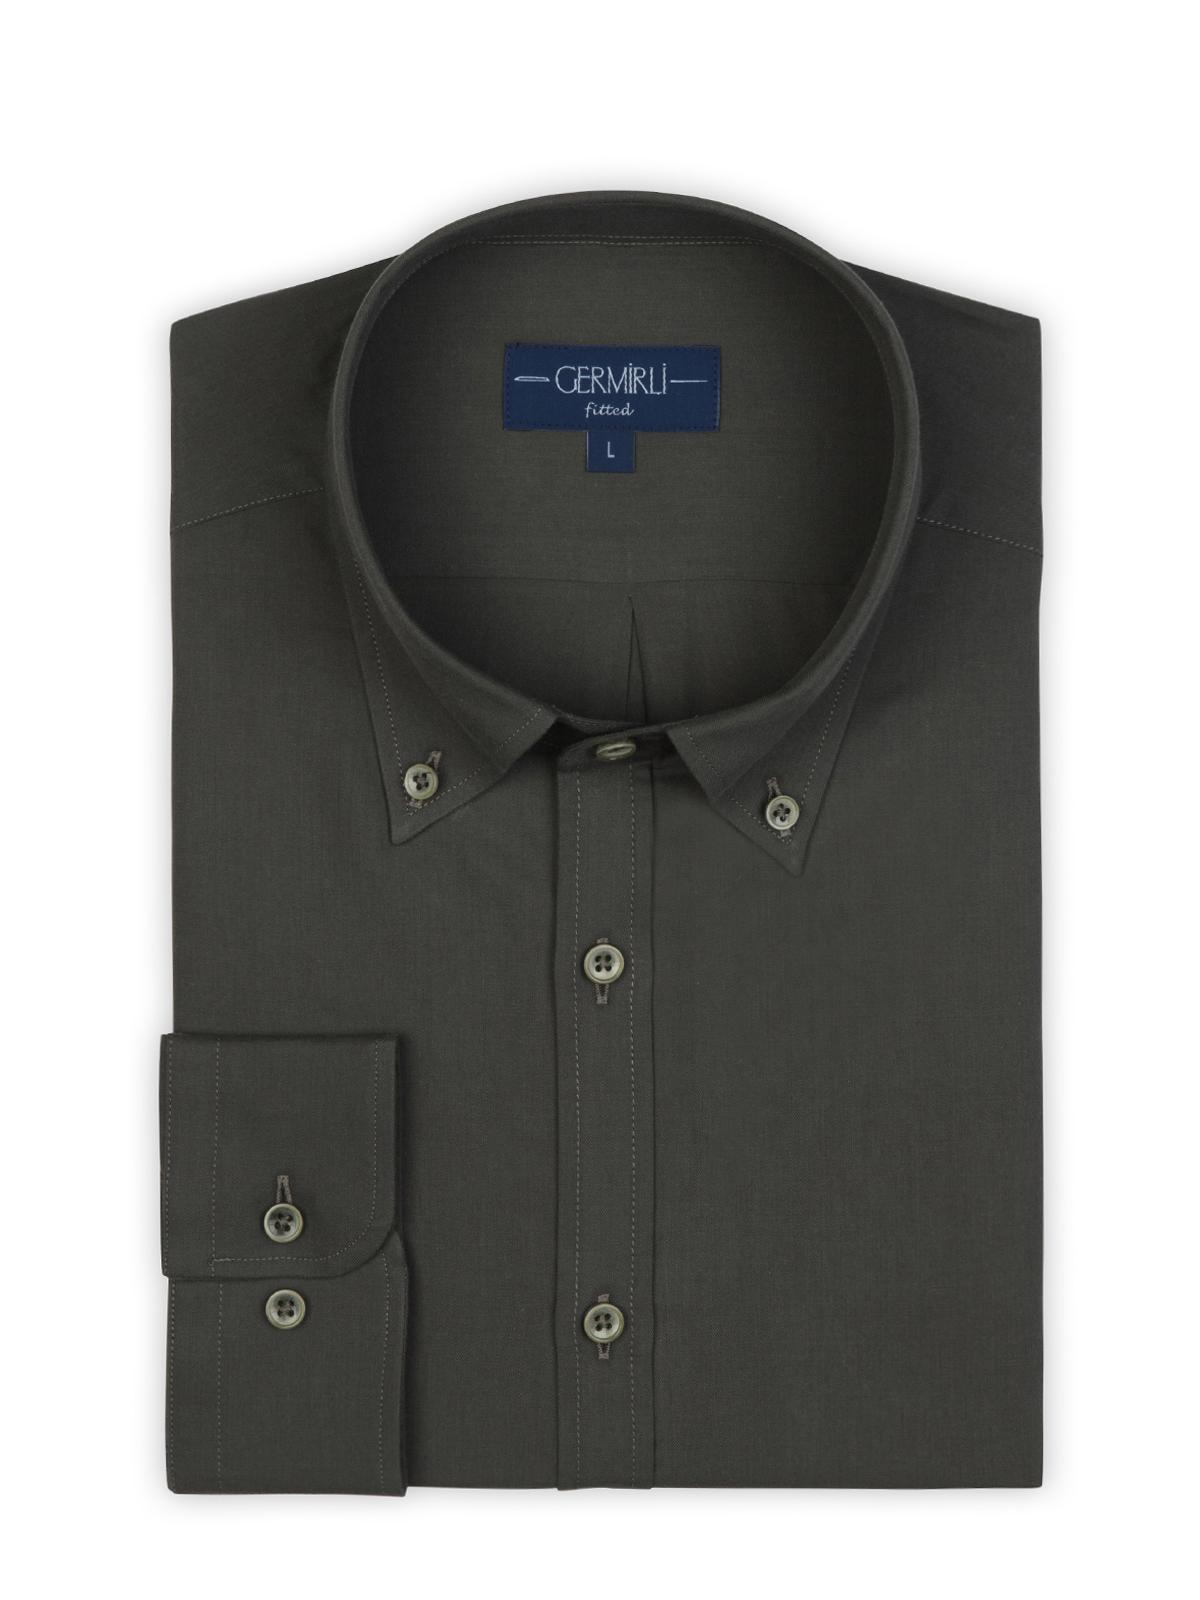 Germirli Koyu Kahverengi Twill Doku Düğmeli Yaka Tailor Fit Gömlek